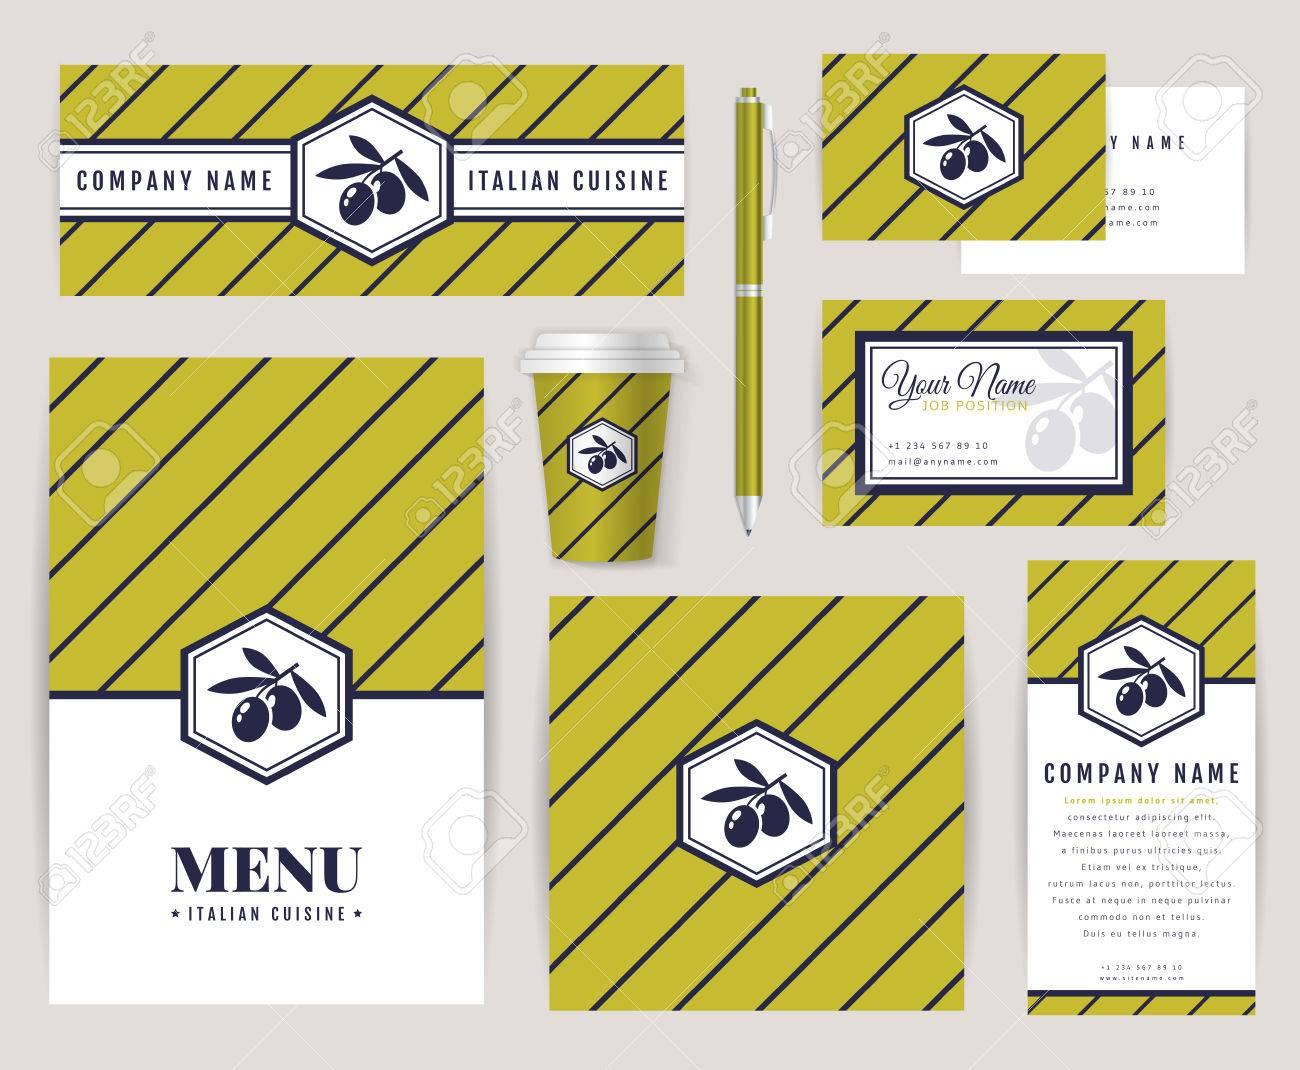 Wunderbar Restaurant Küchen Layout Vorlagen Galerie - Entry Level ...